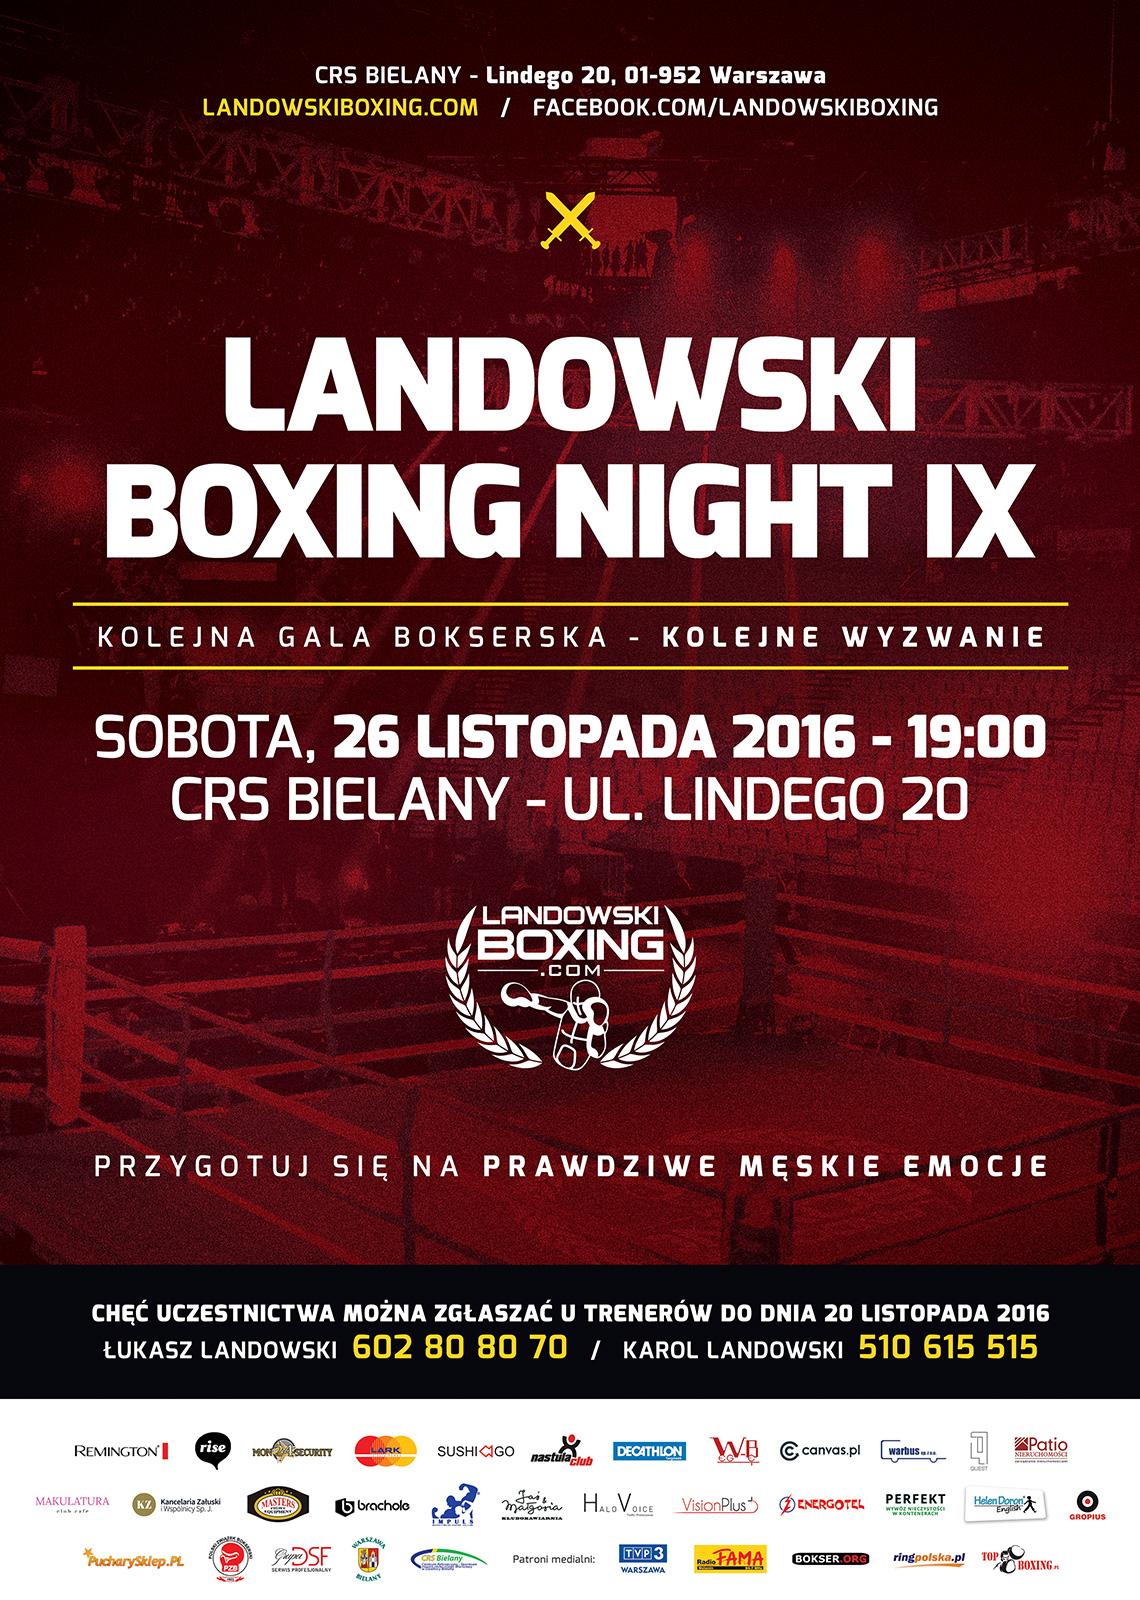 LANDOWSKI BOXING NIGHT IX